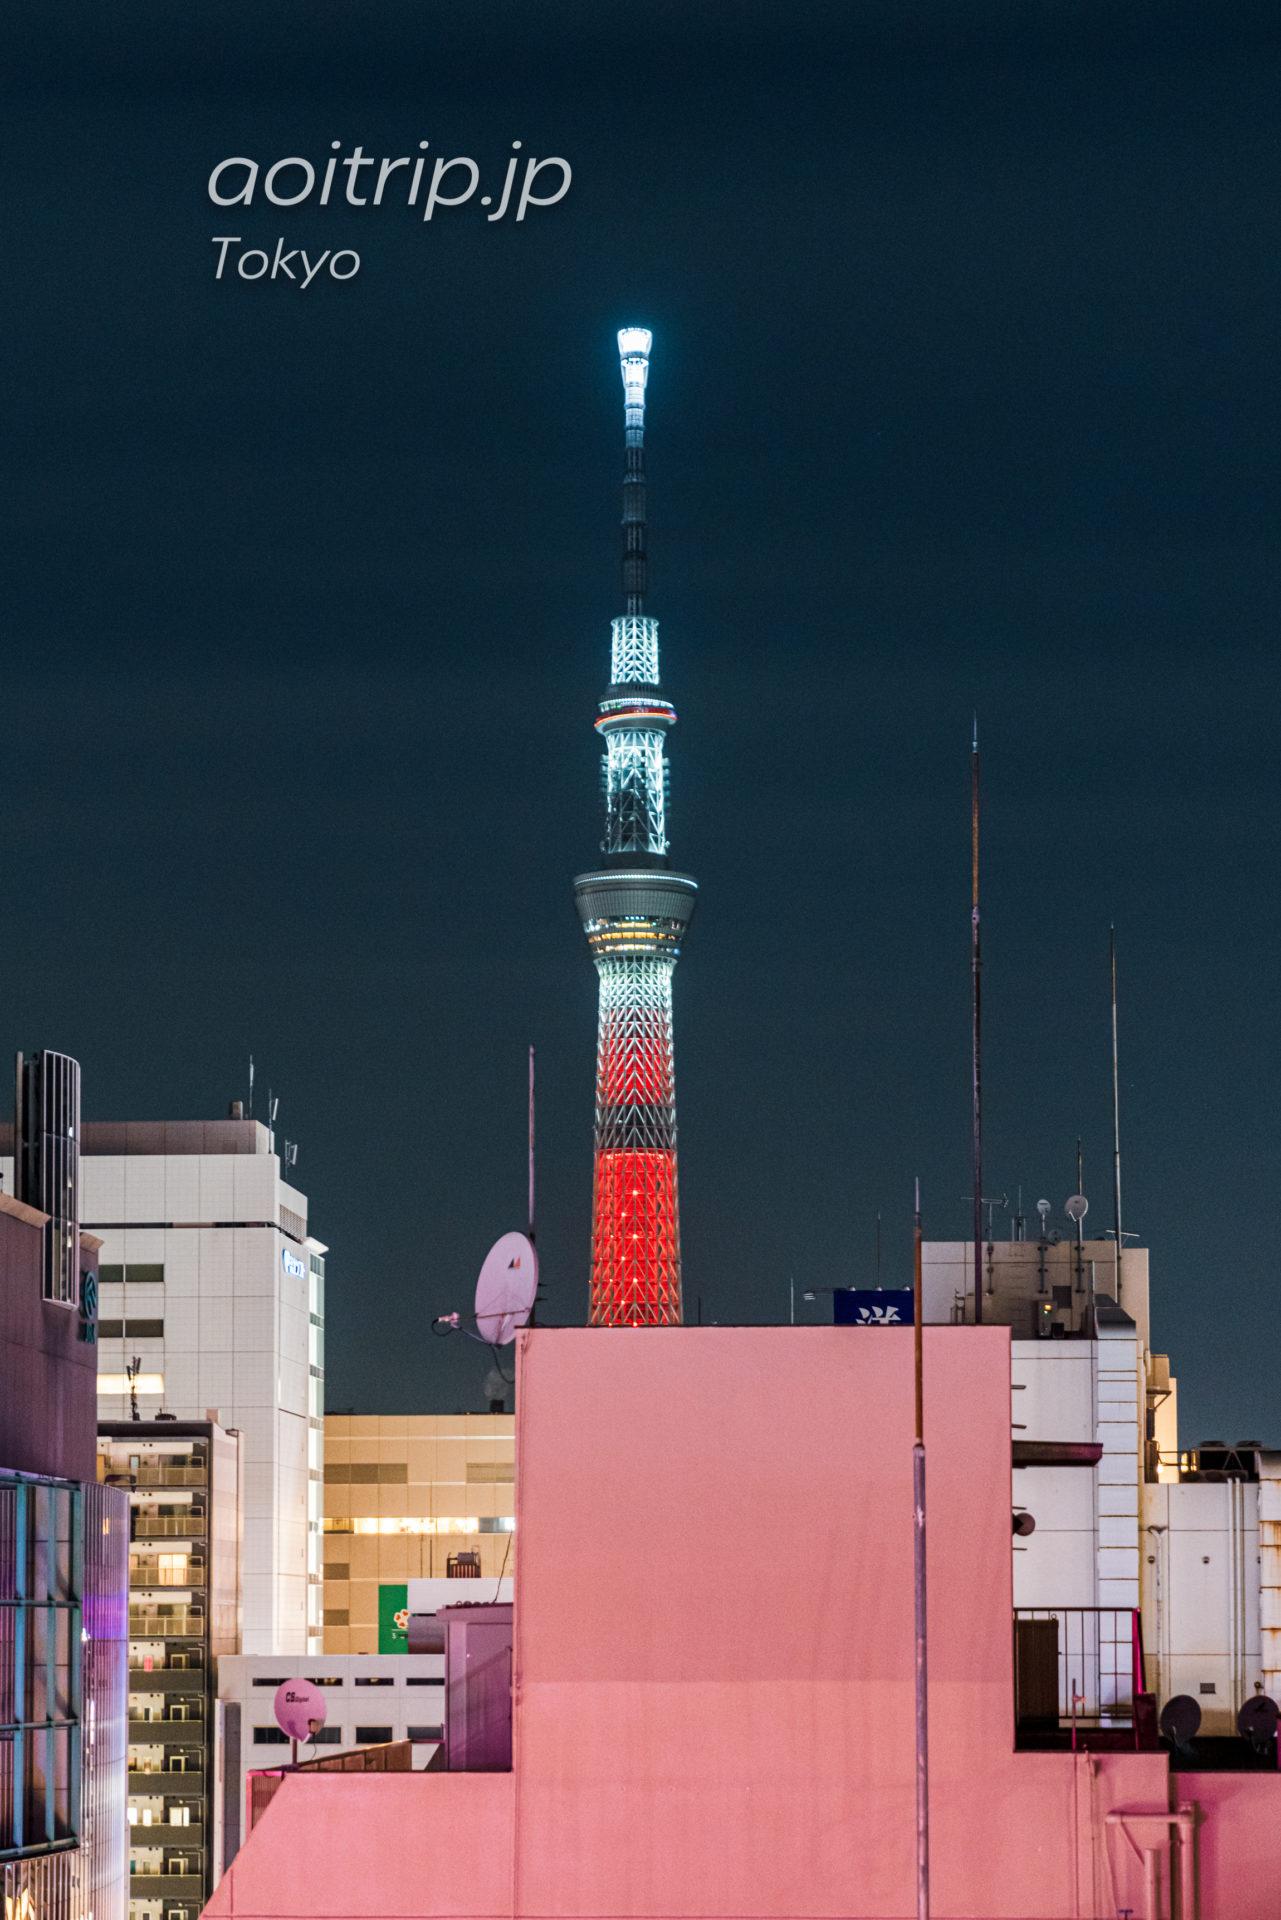 モクシー東京錦糸町 Moxy Tokyo Kinshichoの前から撮影した東京スカイツリー